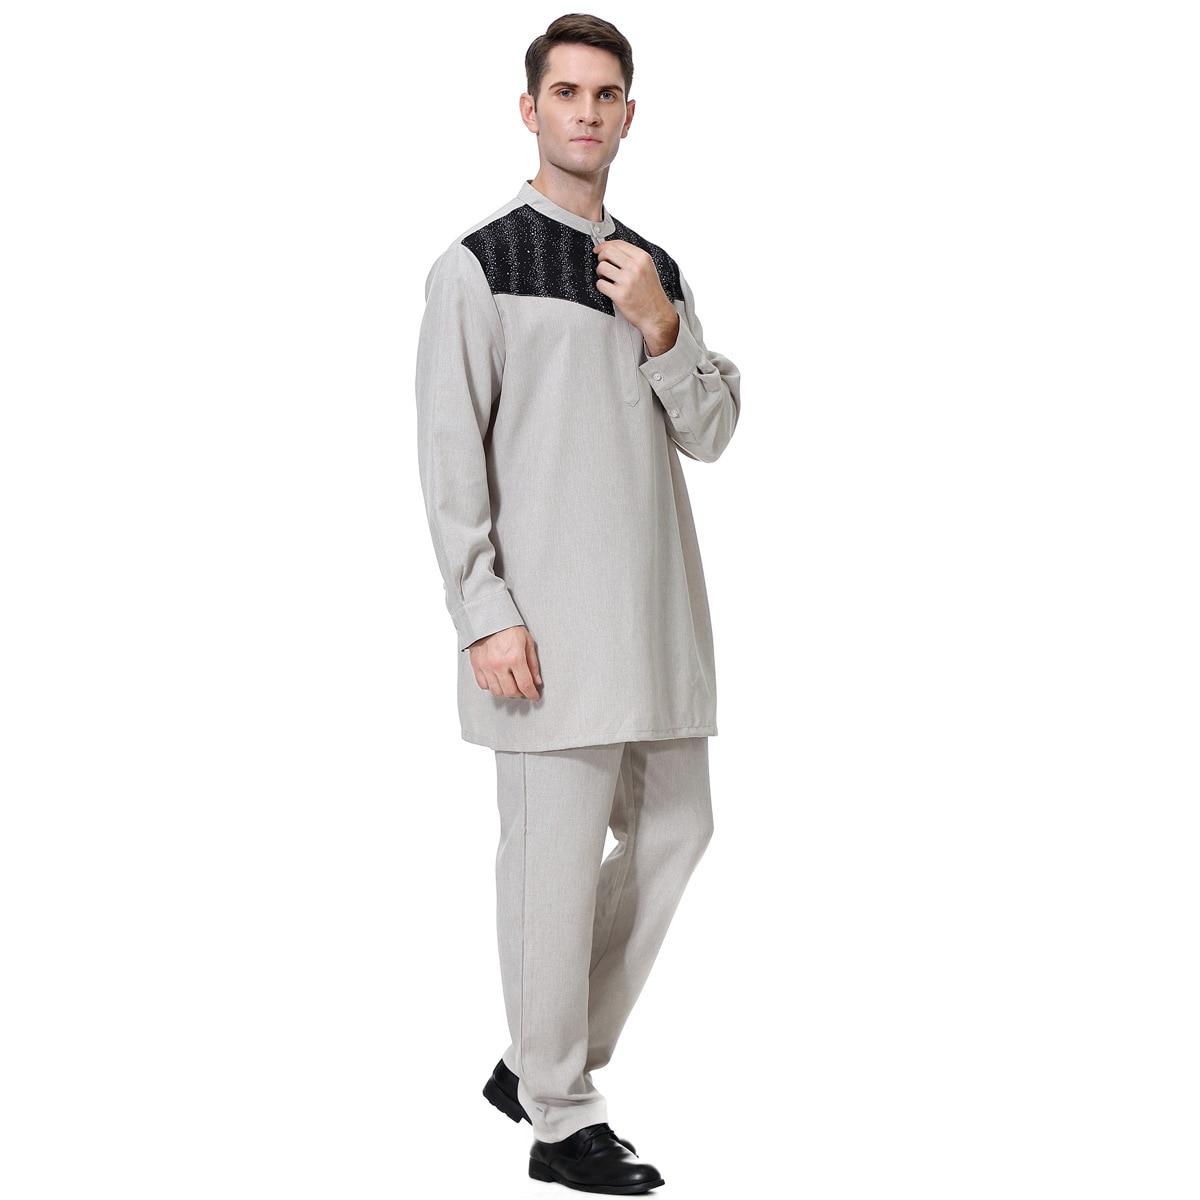 de Manga Longa Túnica Branca Paquistão Ropa Turca blusa + calça